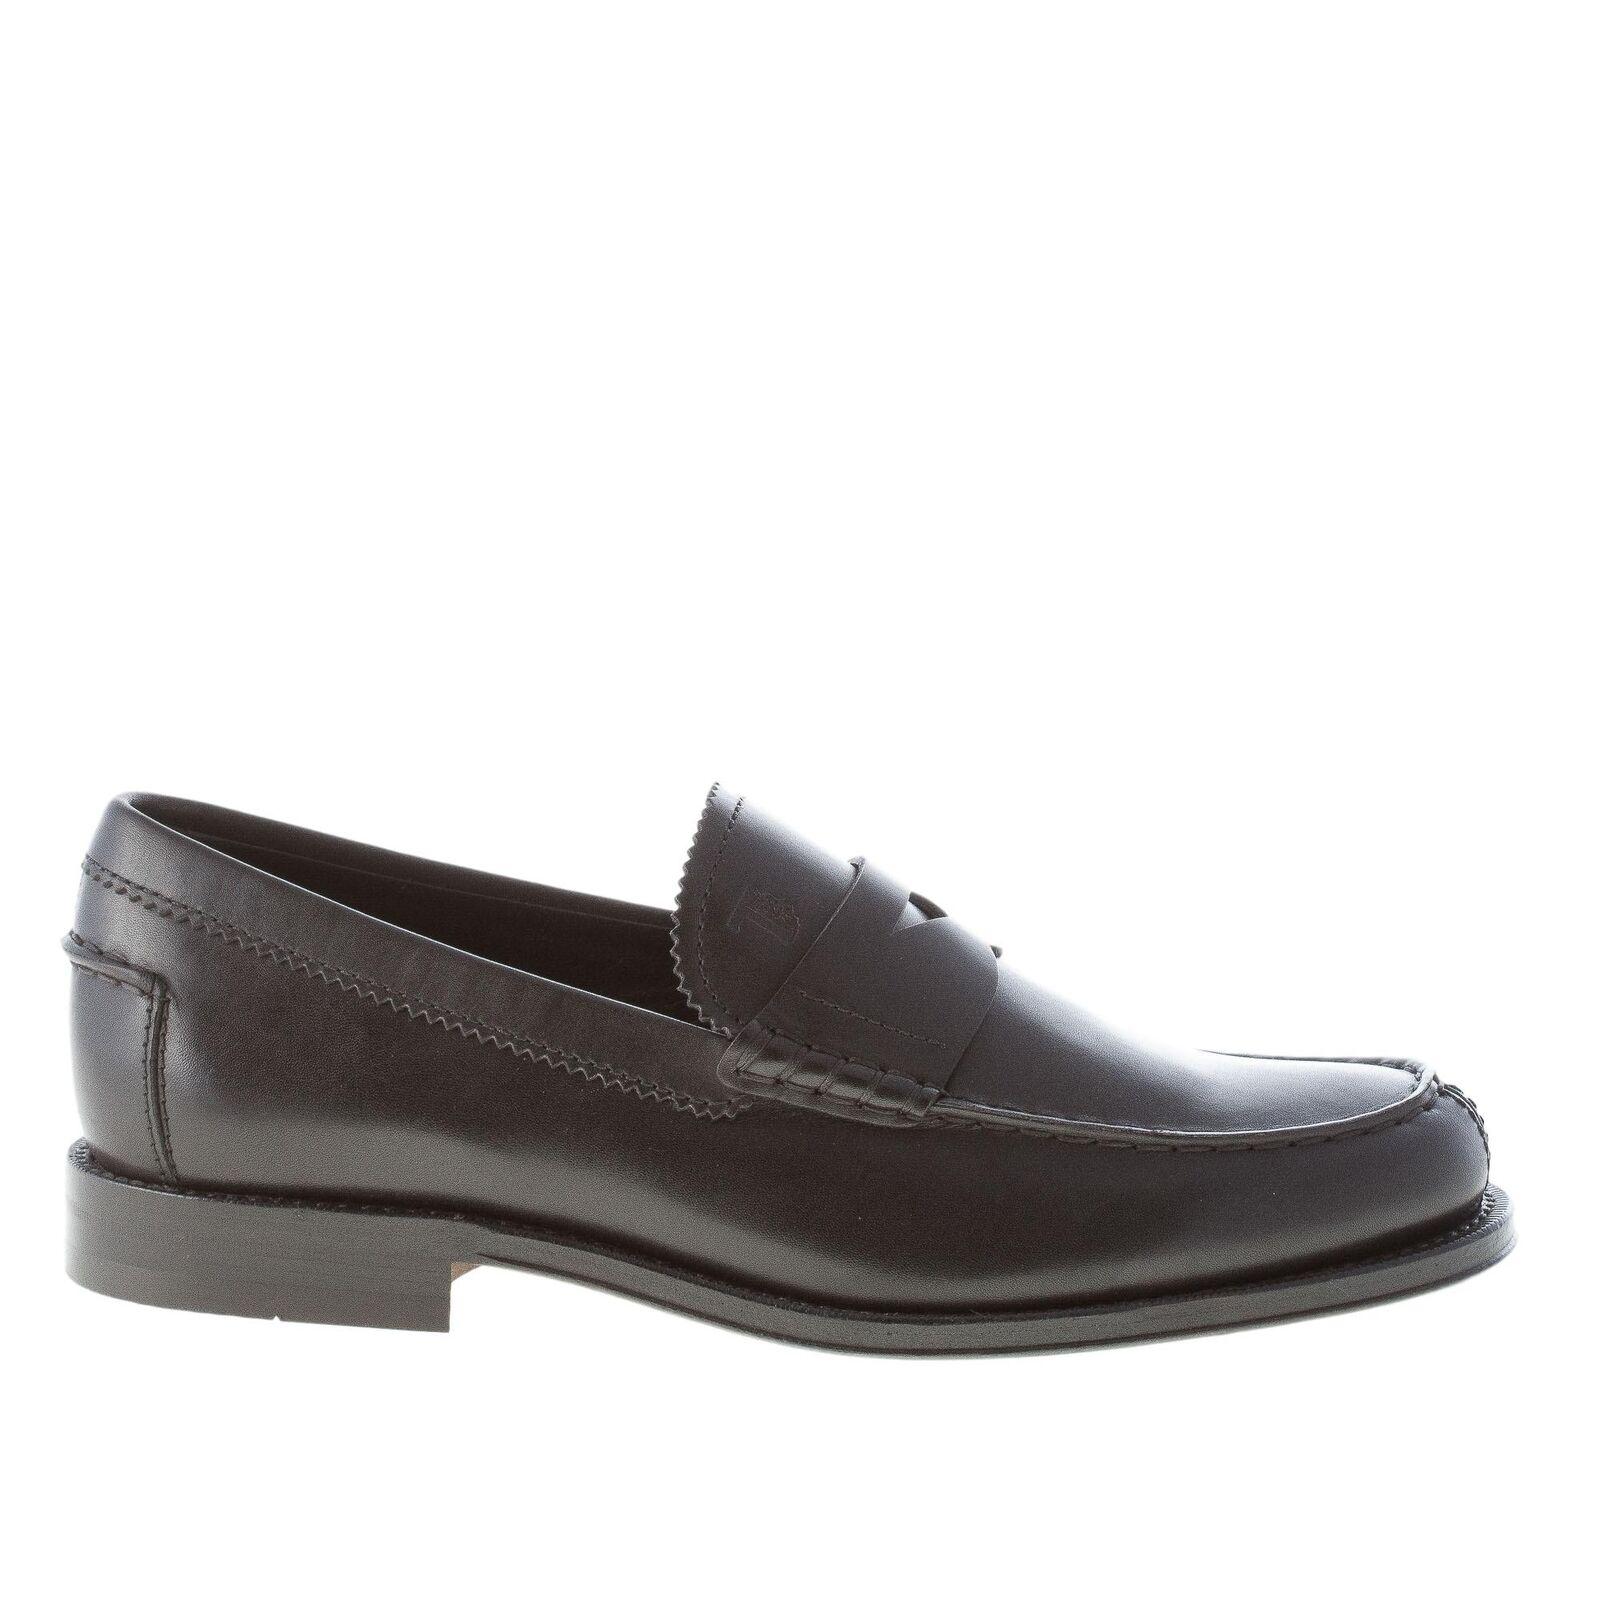 TOD'S Hombres Zapatos Negro Semi Brillante Mocasín Cuero Penny XXM0RO00640D90B999